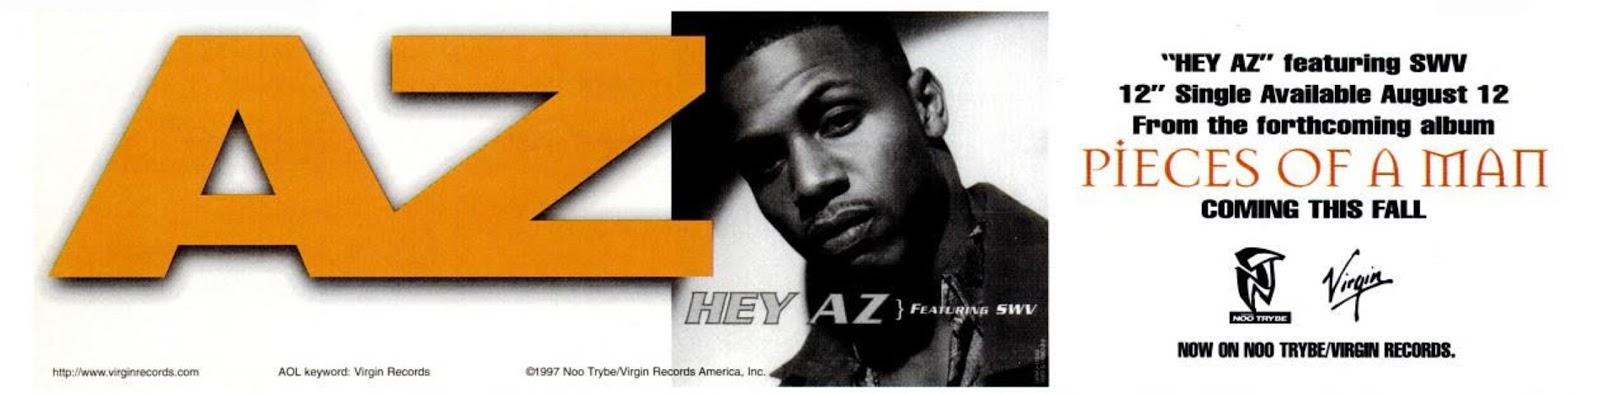 AZ Pieces of a Man Hey AZ SWV Advertisement